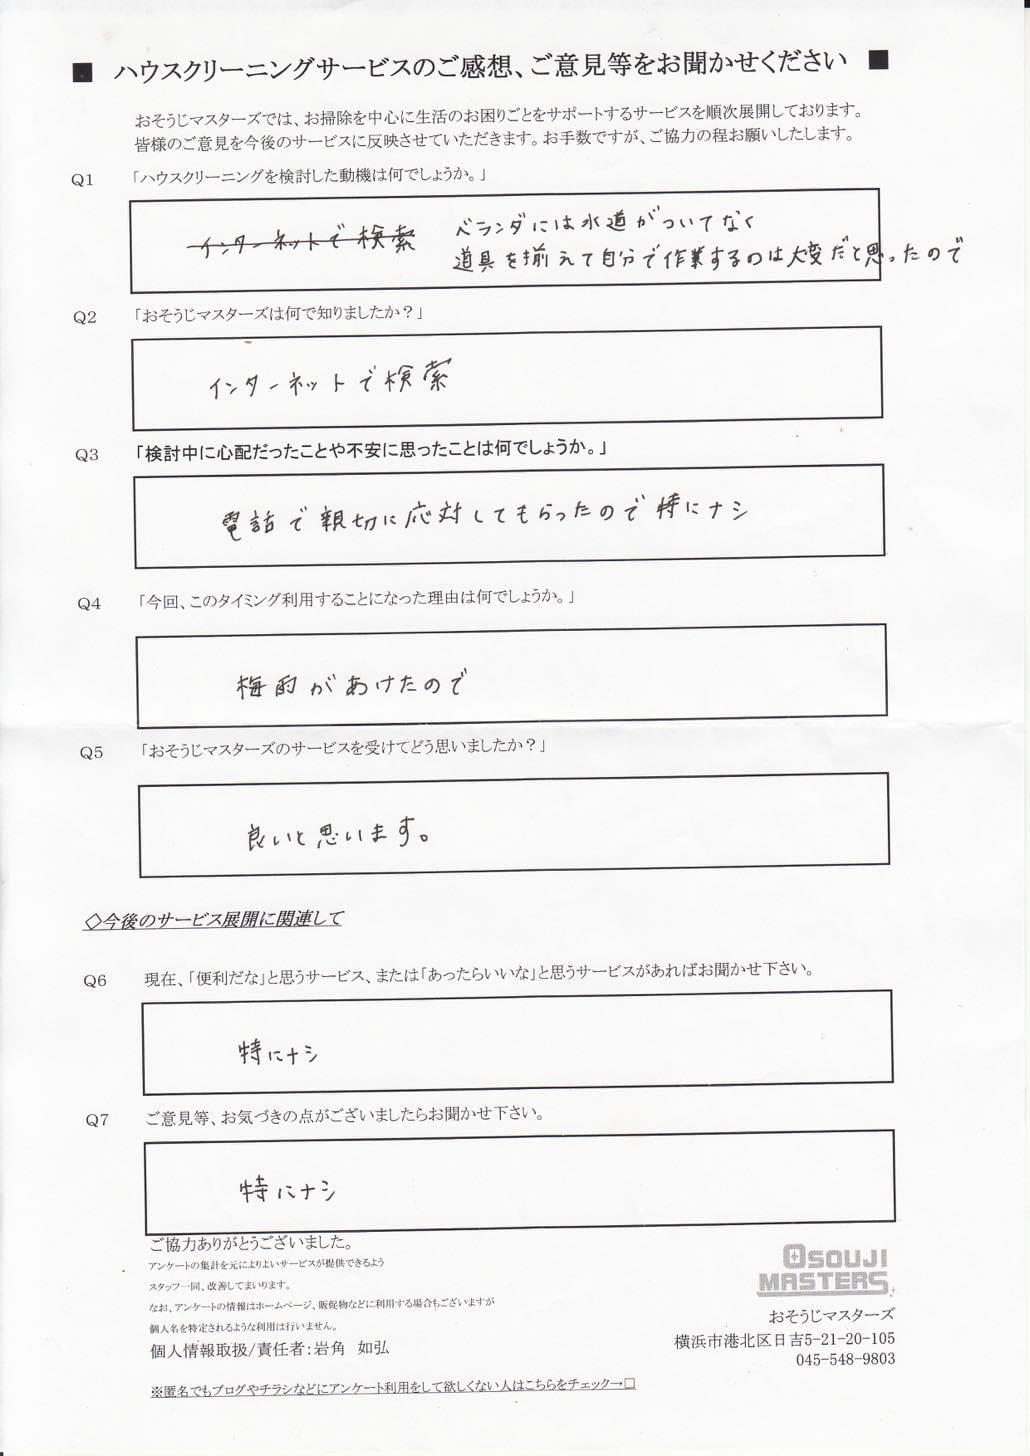 2015/07/29 ベランダクリーニング 東京都世田谷区